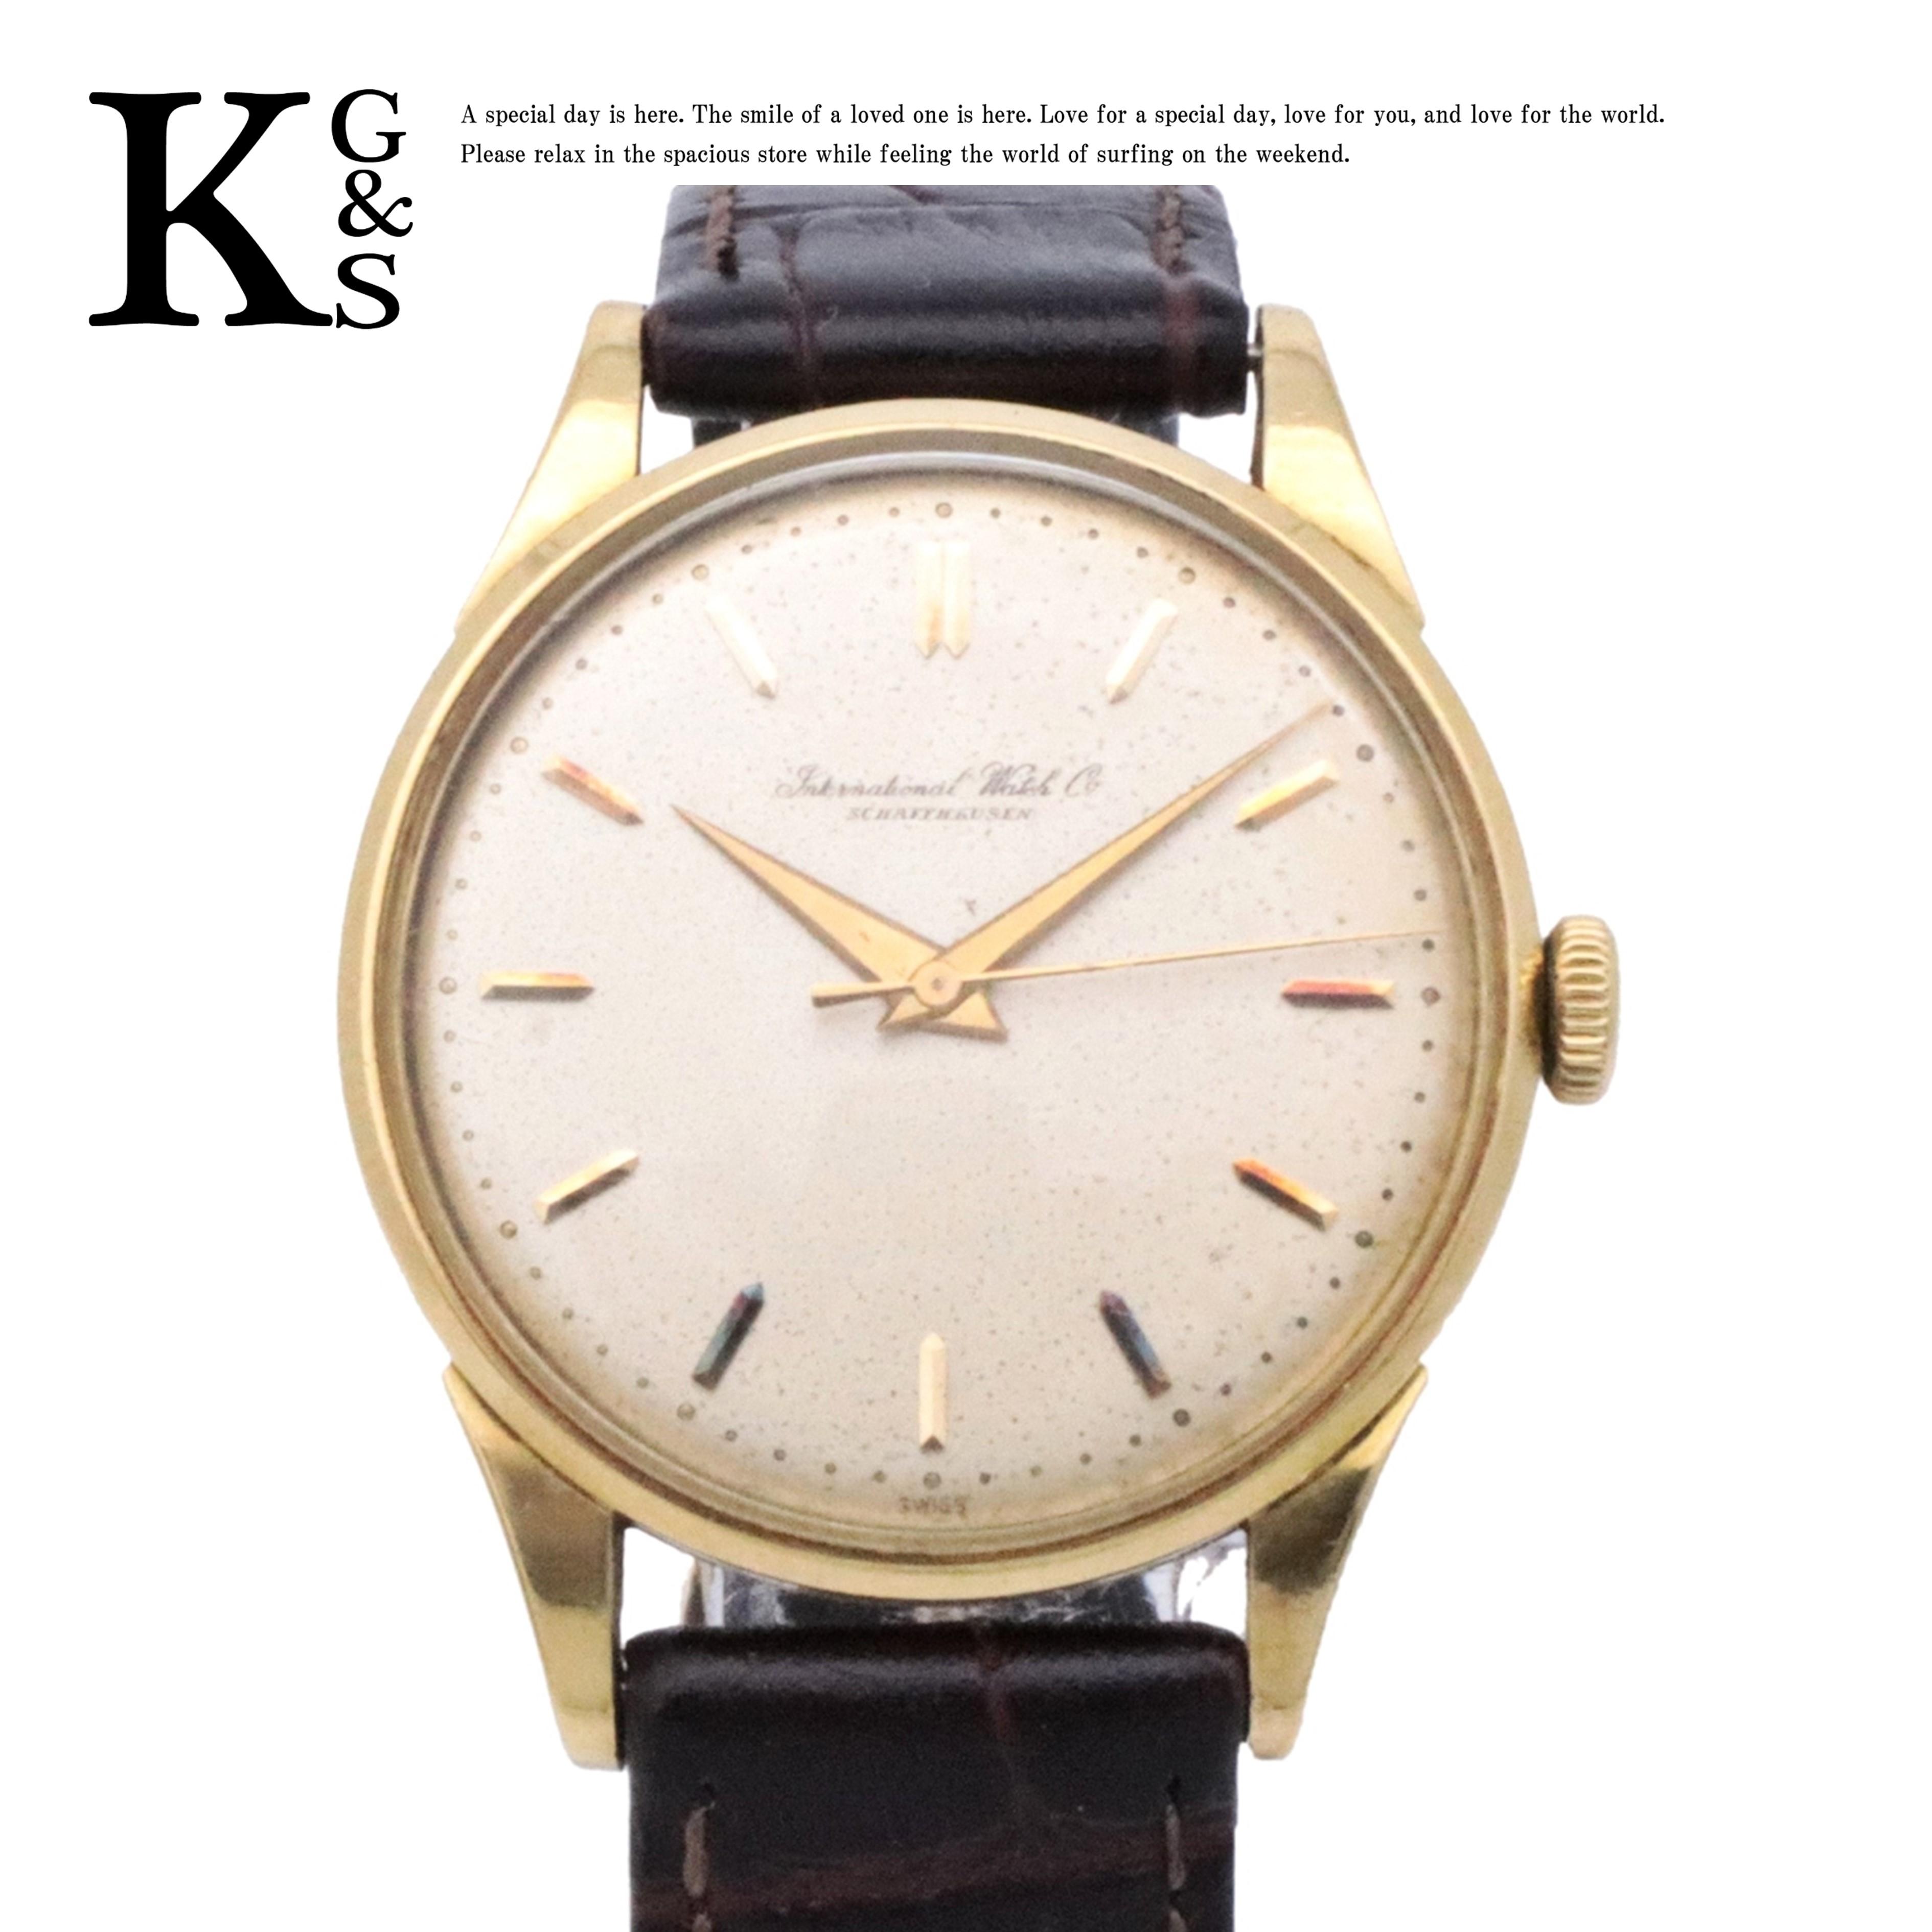 【中古】【アンティーク】【訳有】IWC インターナショナルウォッチカンパニー シャフハウゼン 手巻き 腕時計 K18YG 750 イエローゴールド